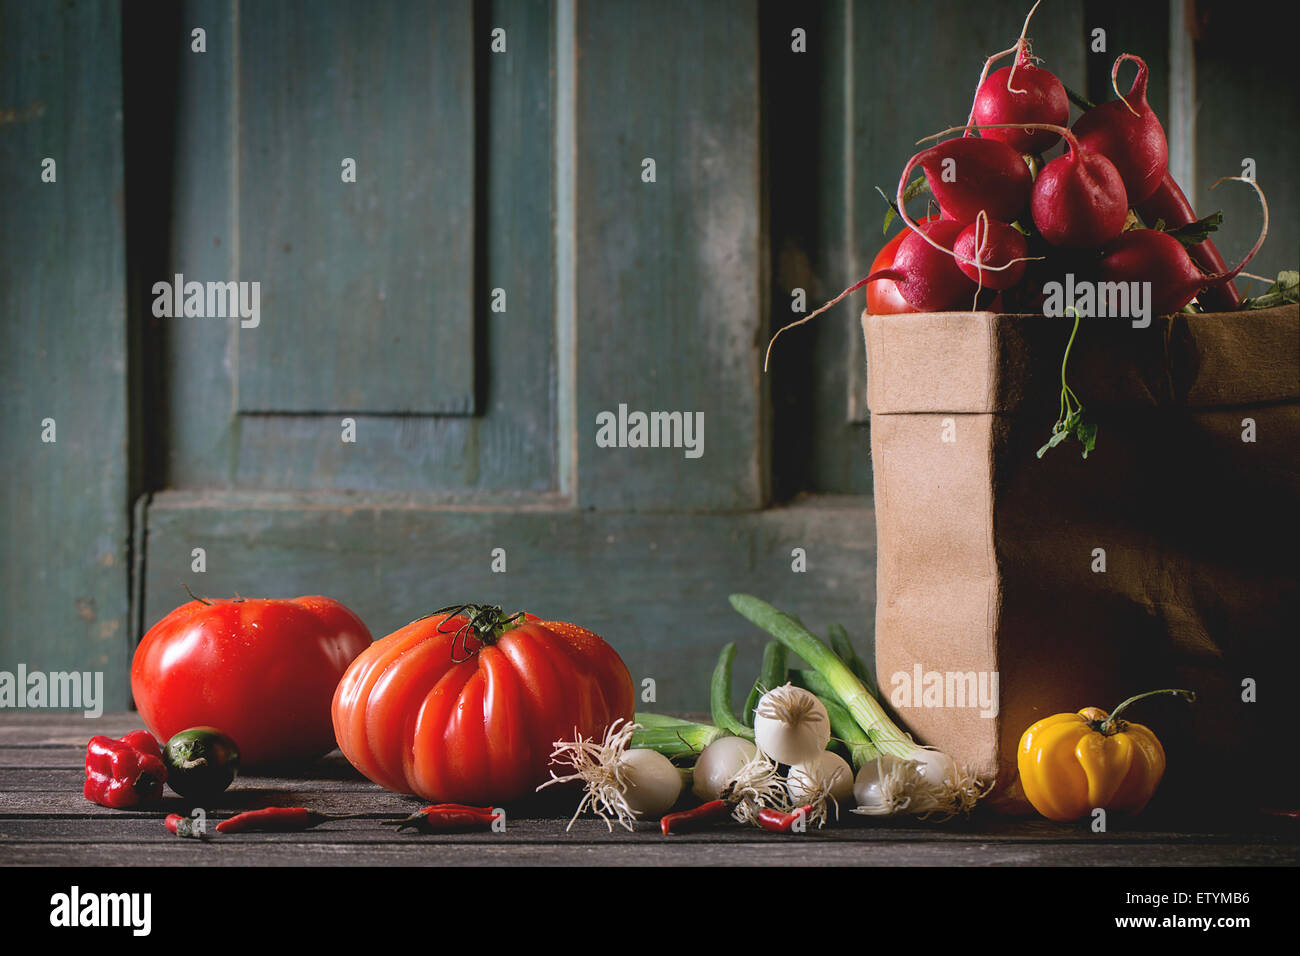 Haufen von reif bunte Frischgemüse Tomaten, Chilischoten, Frühlingszwiebeln und Bündel Radieschen Stockbild